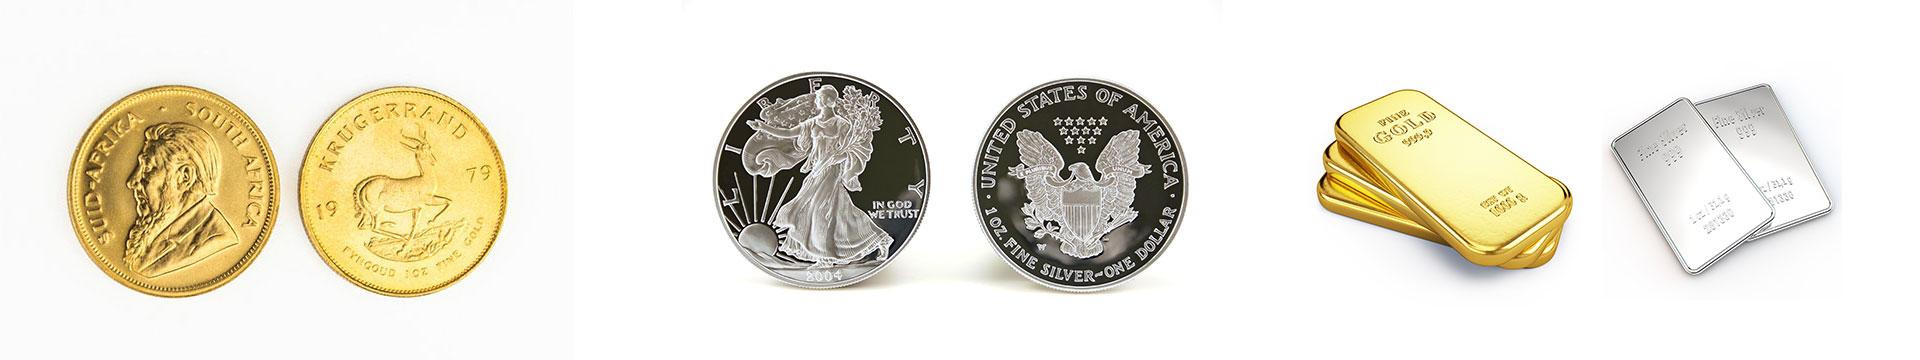 Gold & Silber Münzen - Juwelier Weiss Münzen Ankauf